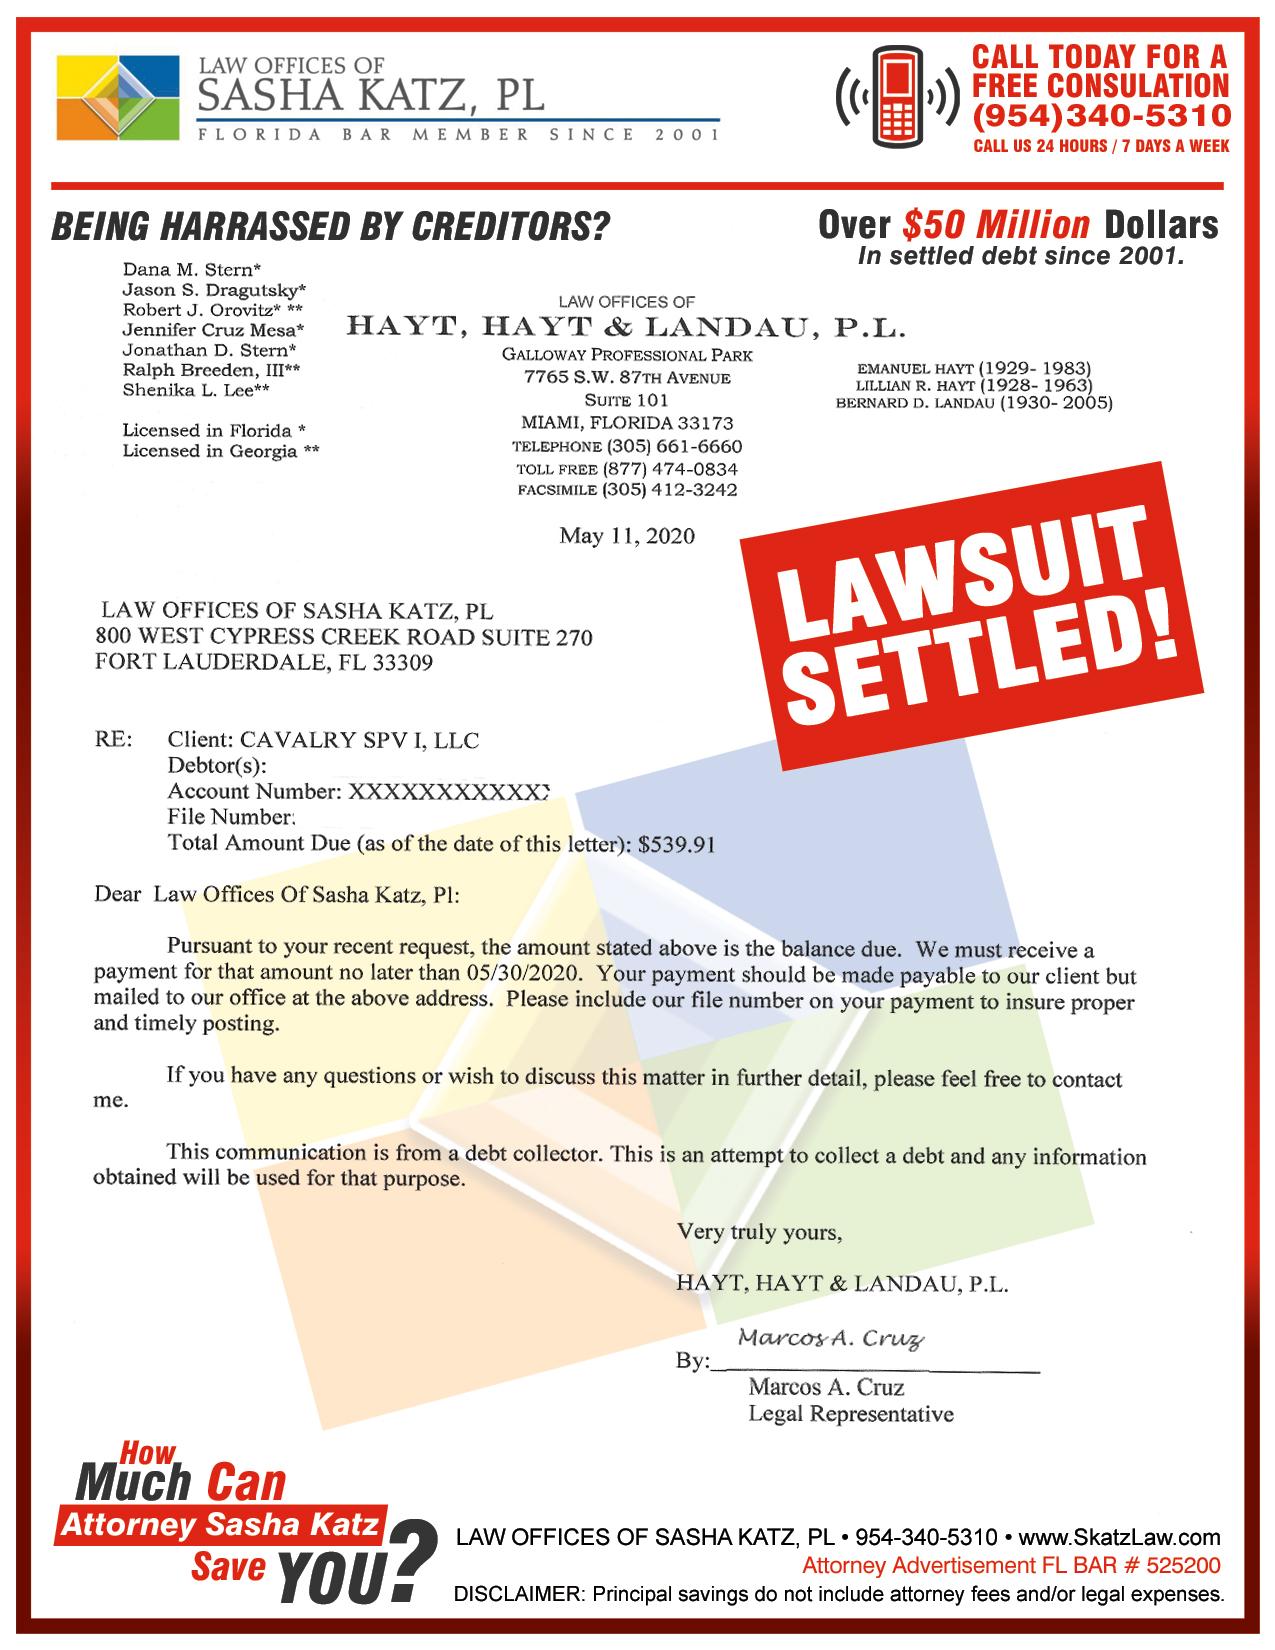 settlement_letter12_2020